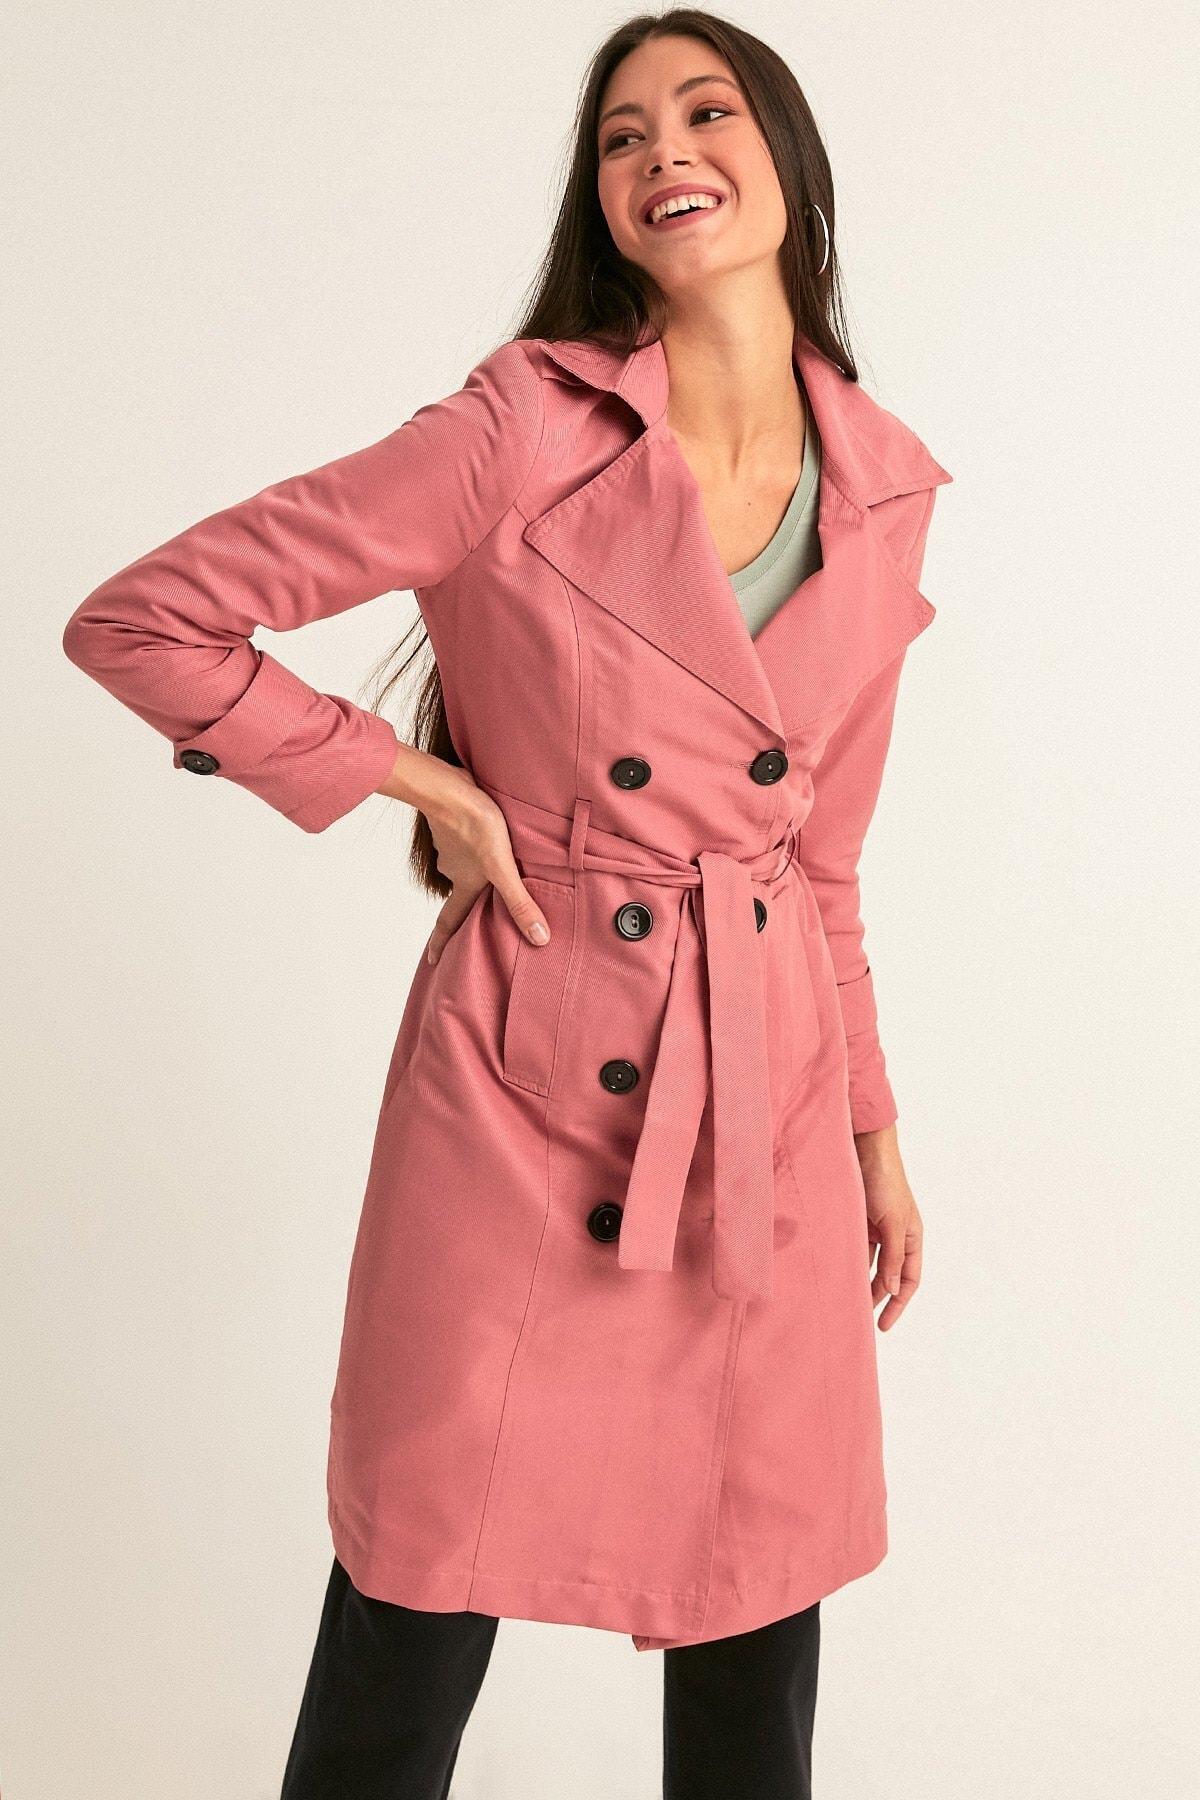 Fulla Moda Kadın Gül Rengi Uzun Basic Trençkot 2